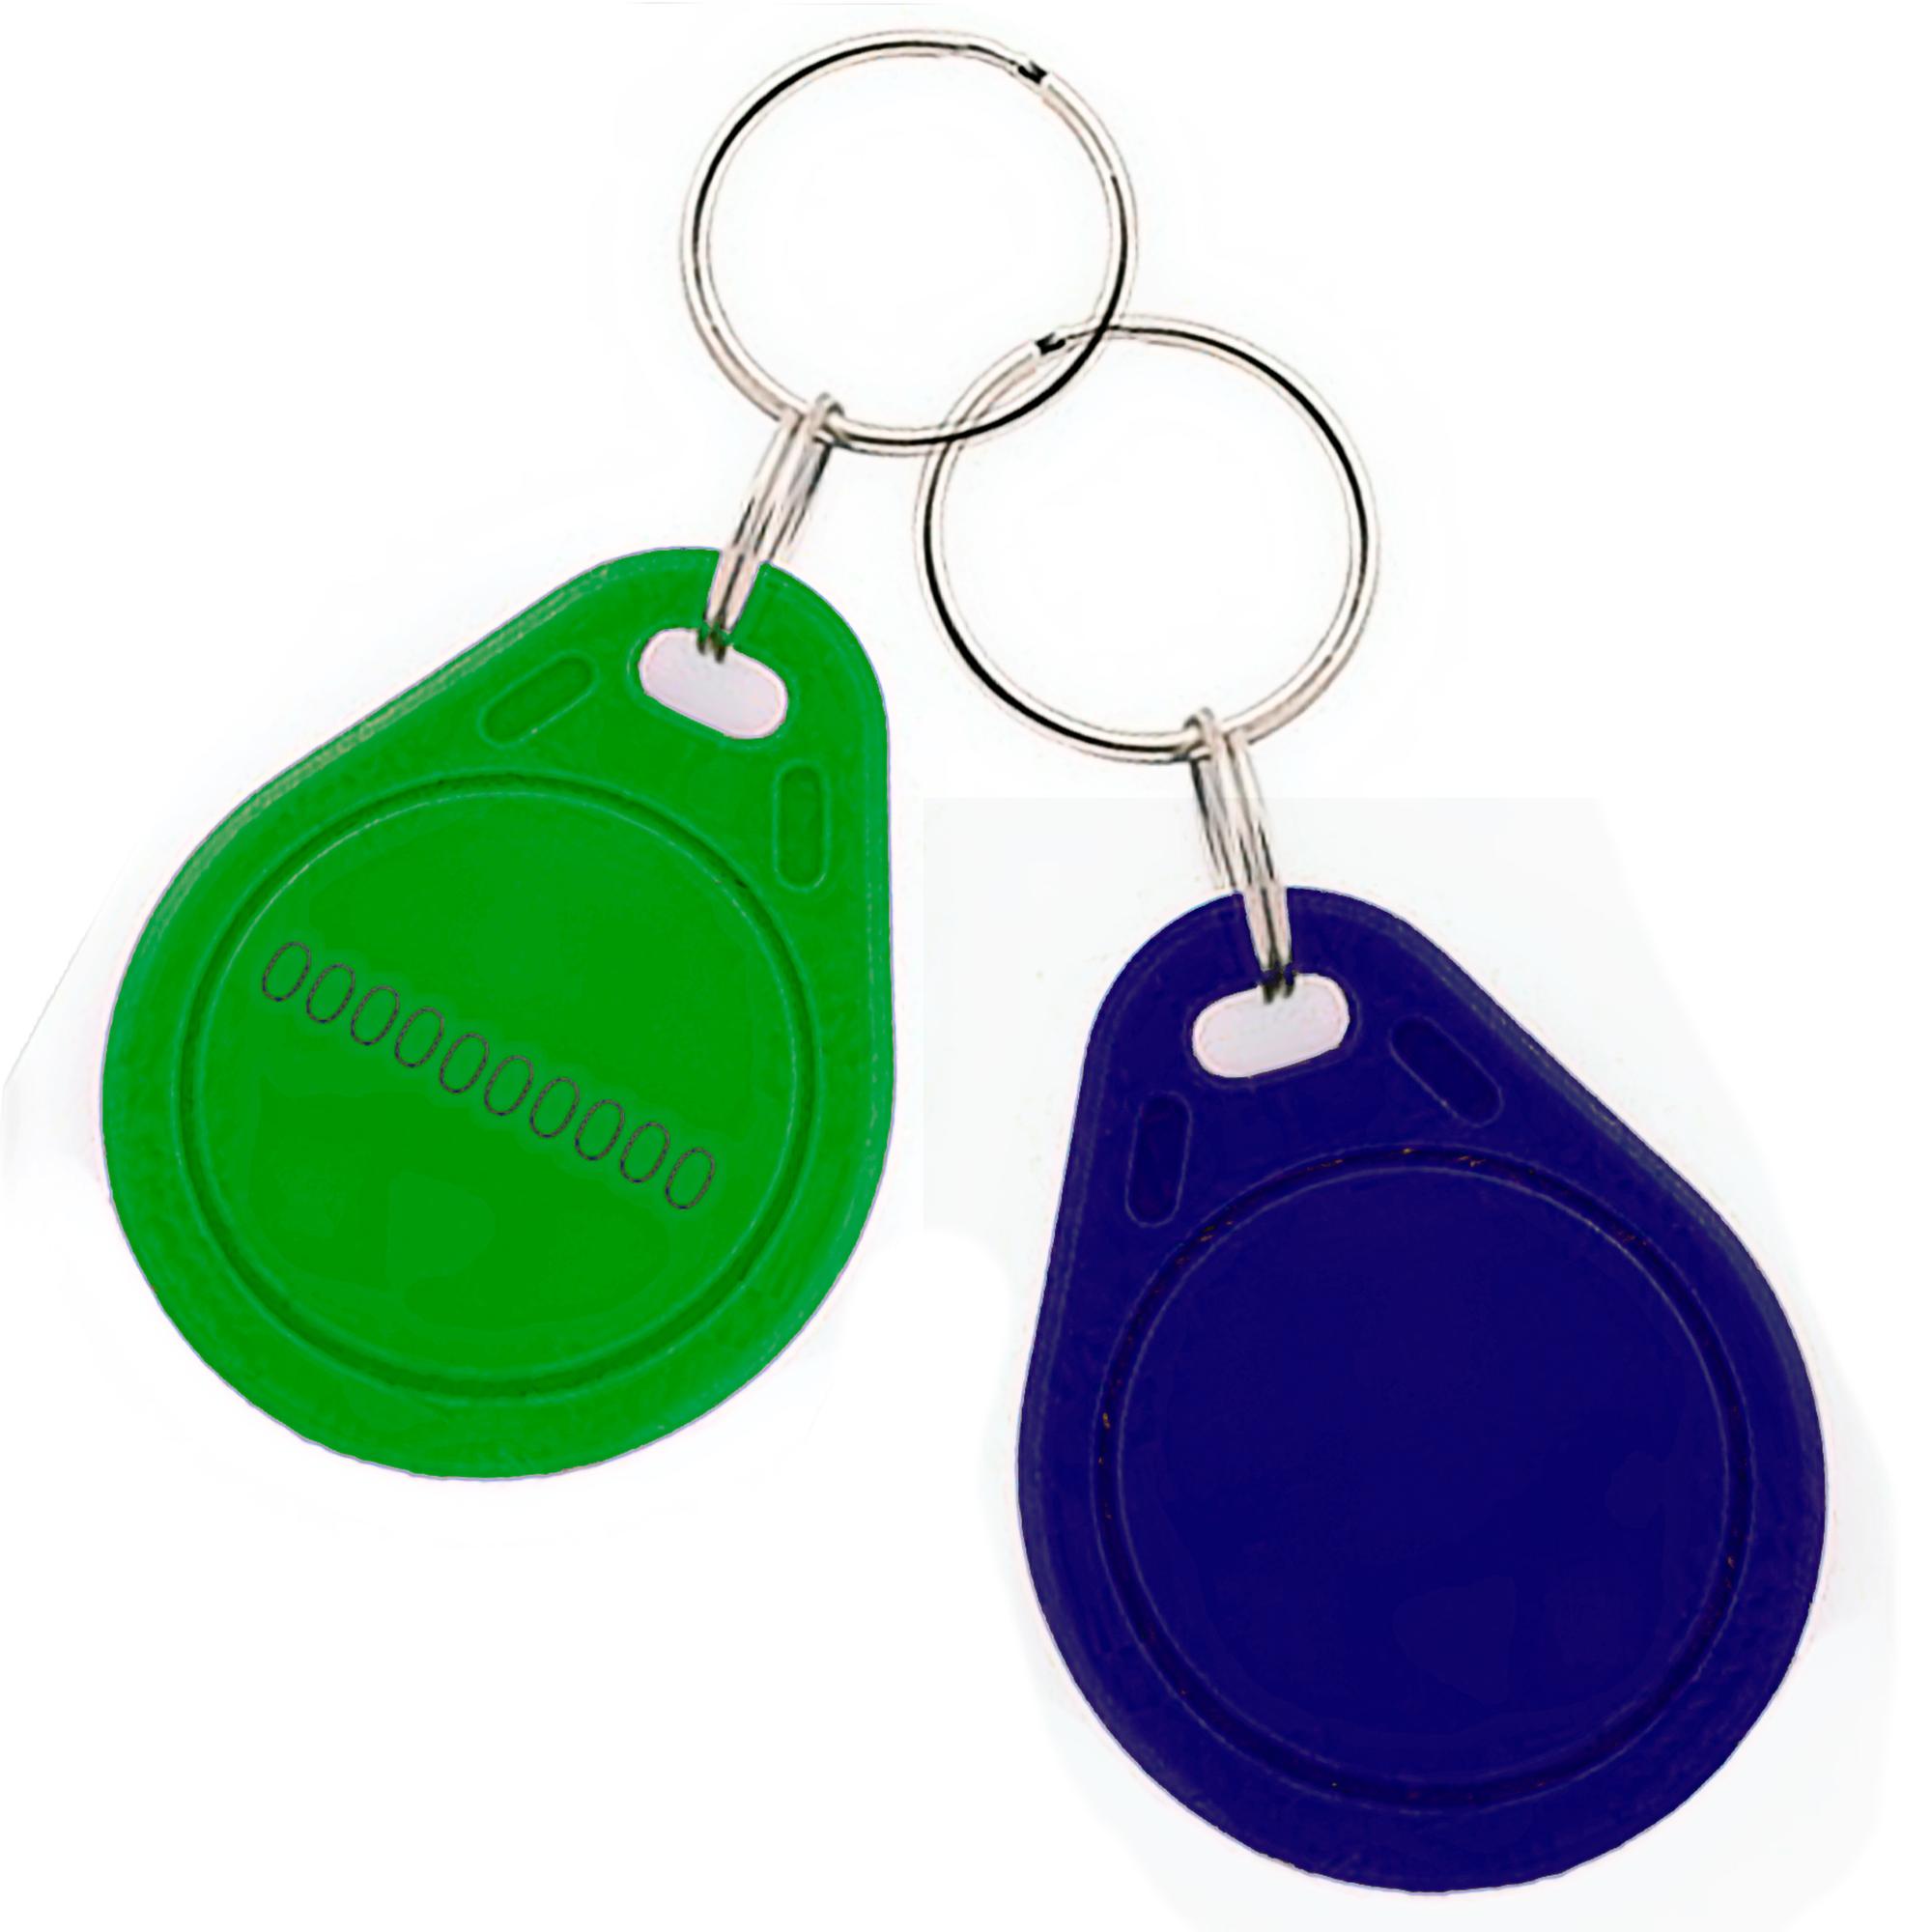 Бесконтактный RFID-брелок с чипом Mifare 1K плоский (под нанесение) с железным кольцом